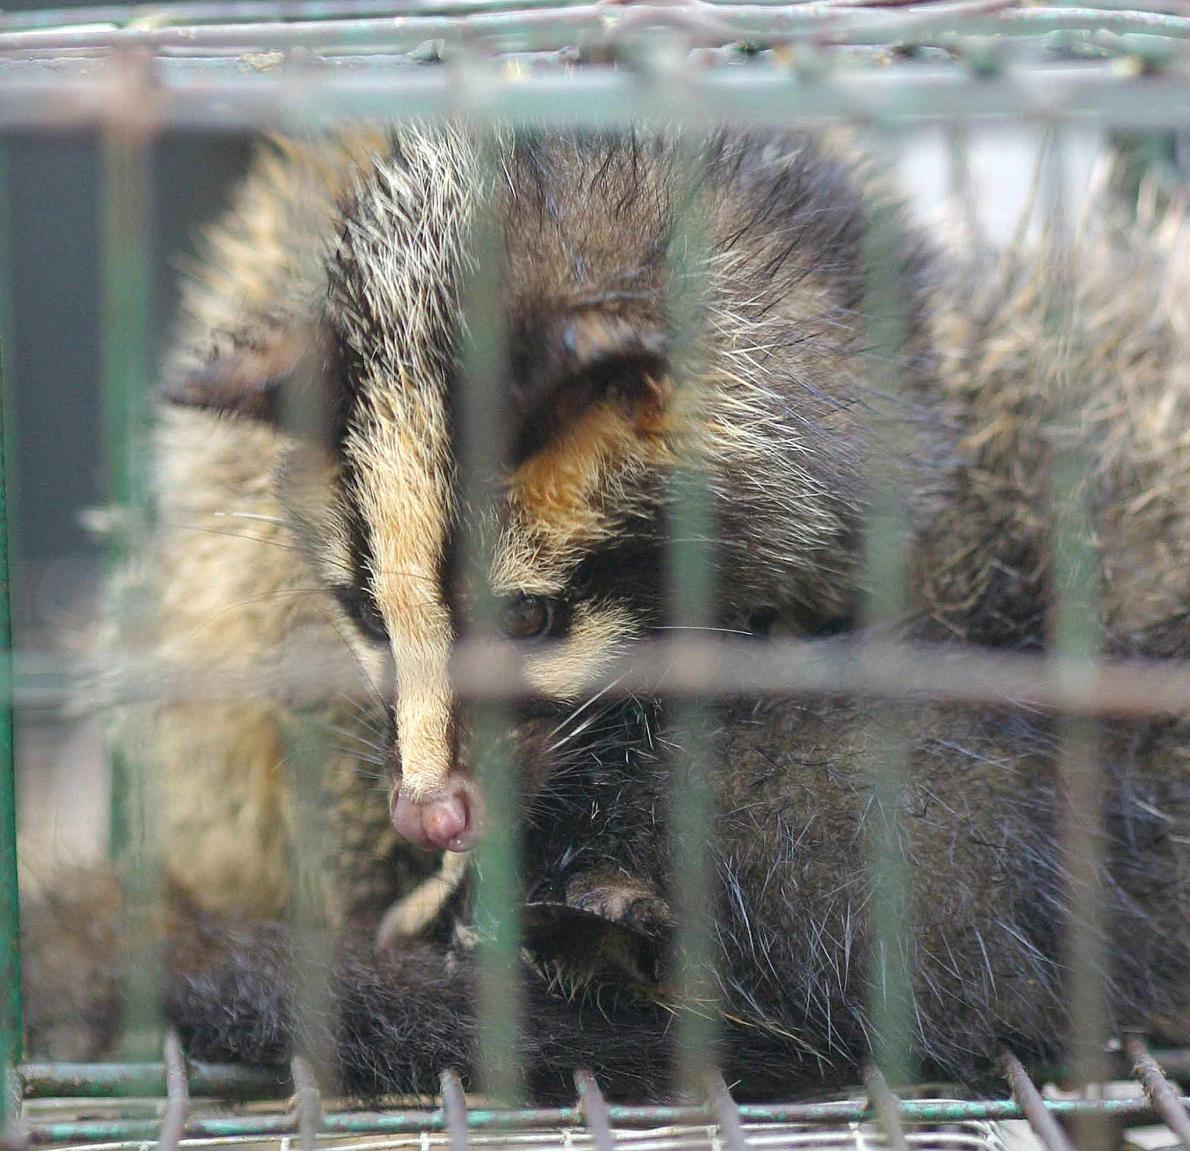 一隻關在籠中的果子狸於2003年華南地區一處市場出售,當時是SARS疫情的最高峰。即便咸信是果子狸將SARS病毒傳播給人類,果子狸湯在中國某些地區仍是一道珍饈。PHOTOGRAPH BY AFP, GETTY